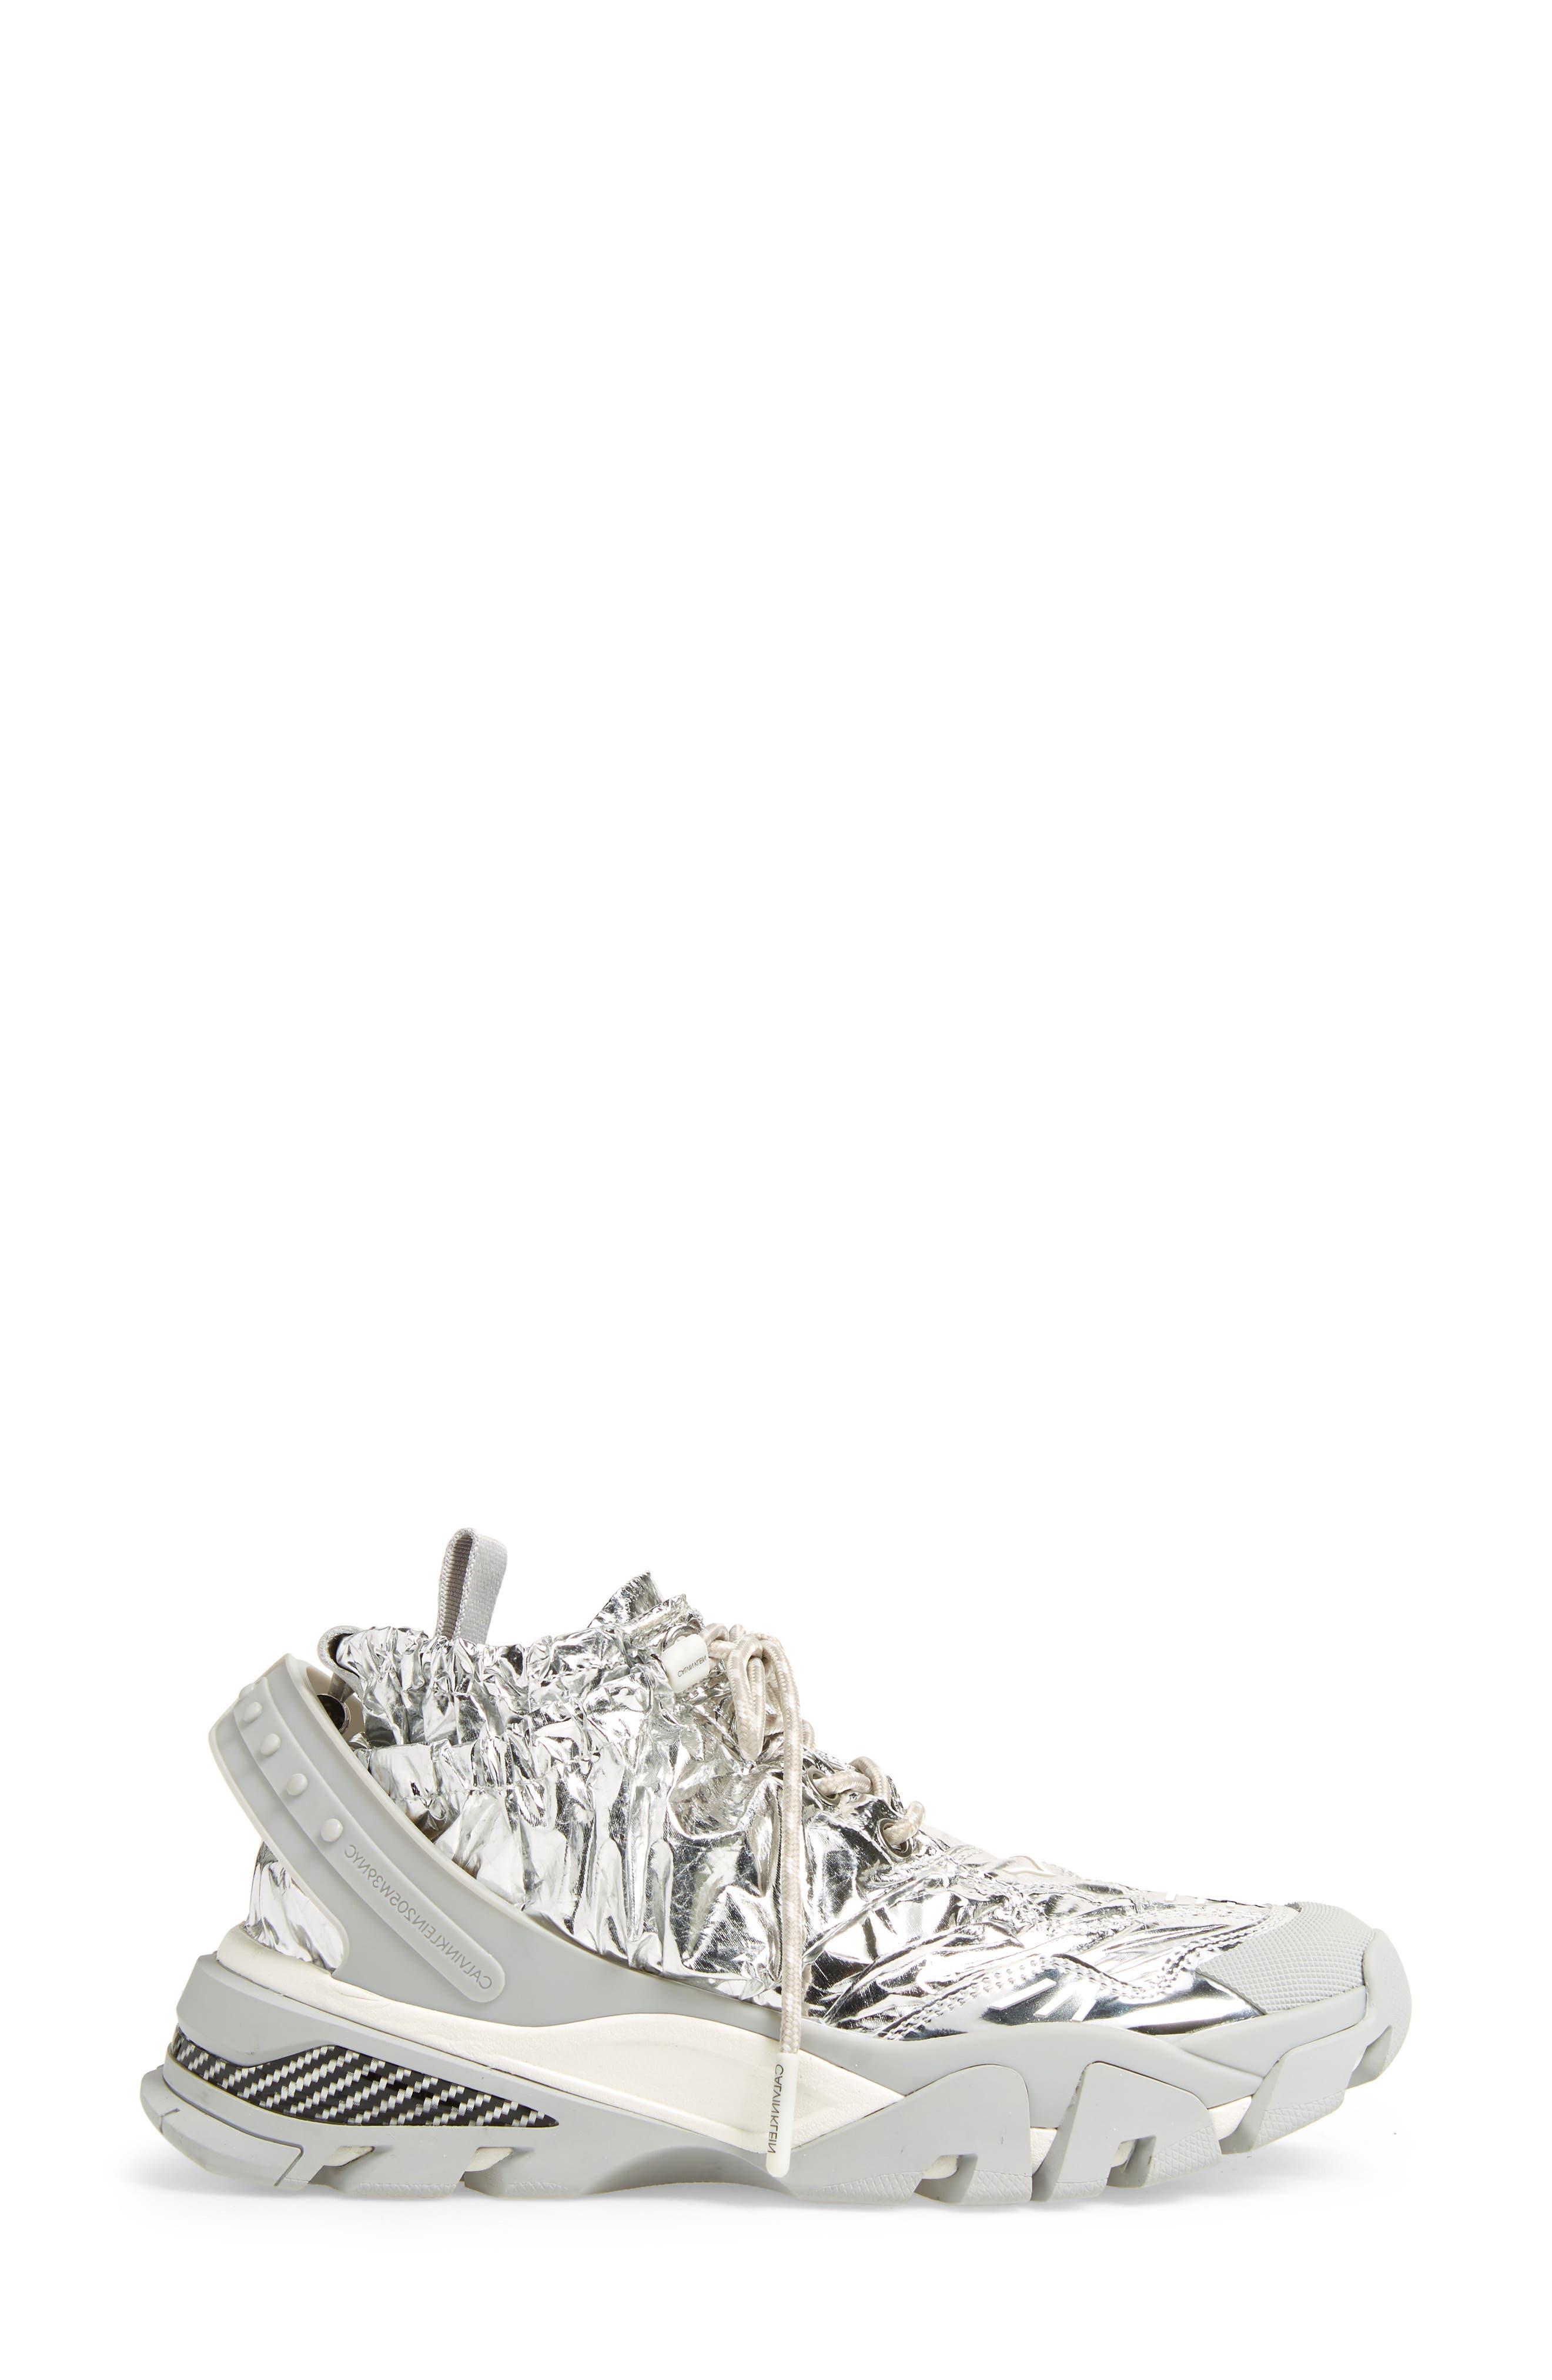 Caramene Sneaker,                             Alternate thumbnail 6, color,                             Grey/ White